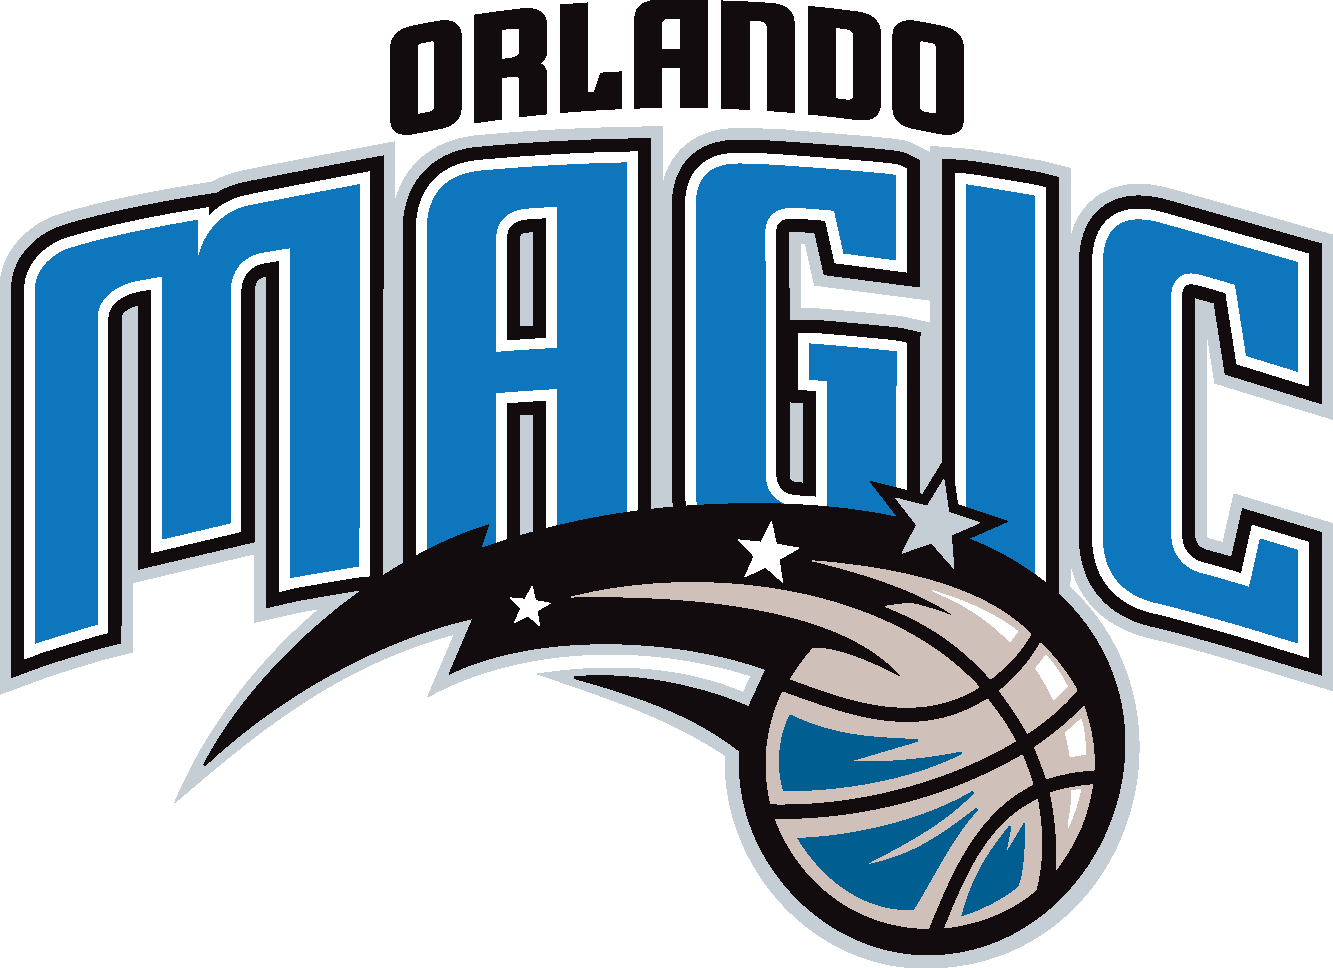 Bb cross basketball logo clipart image library download Orlando Magic Logo Vector | NBA Team Logos | Pinterest | Orlando ... image library download